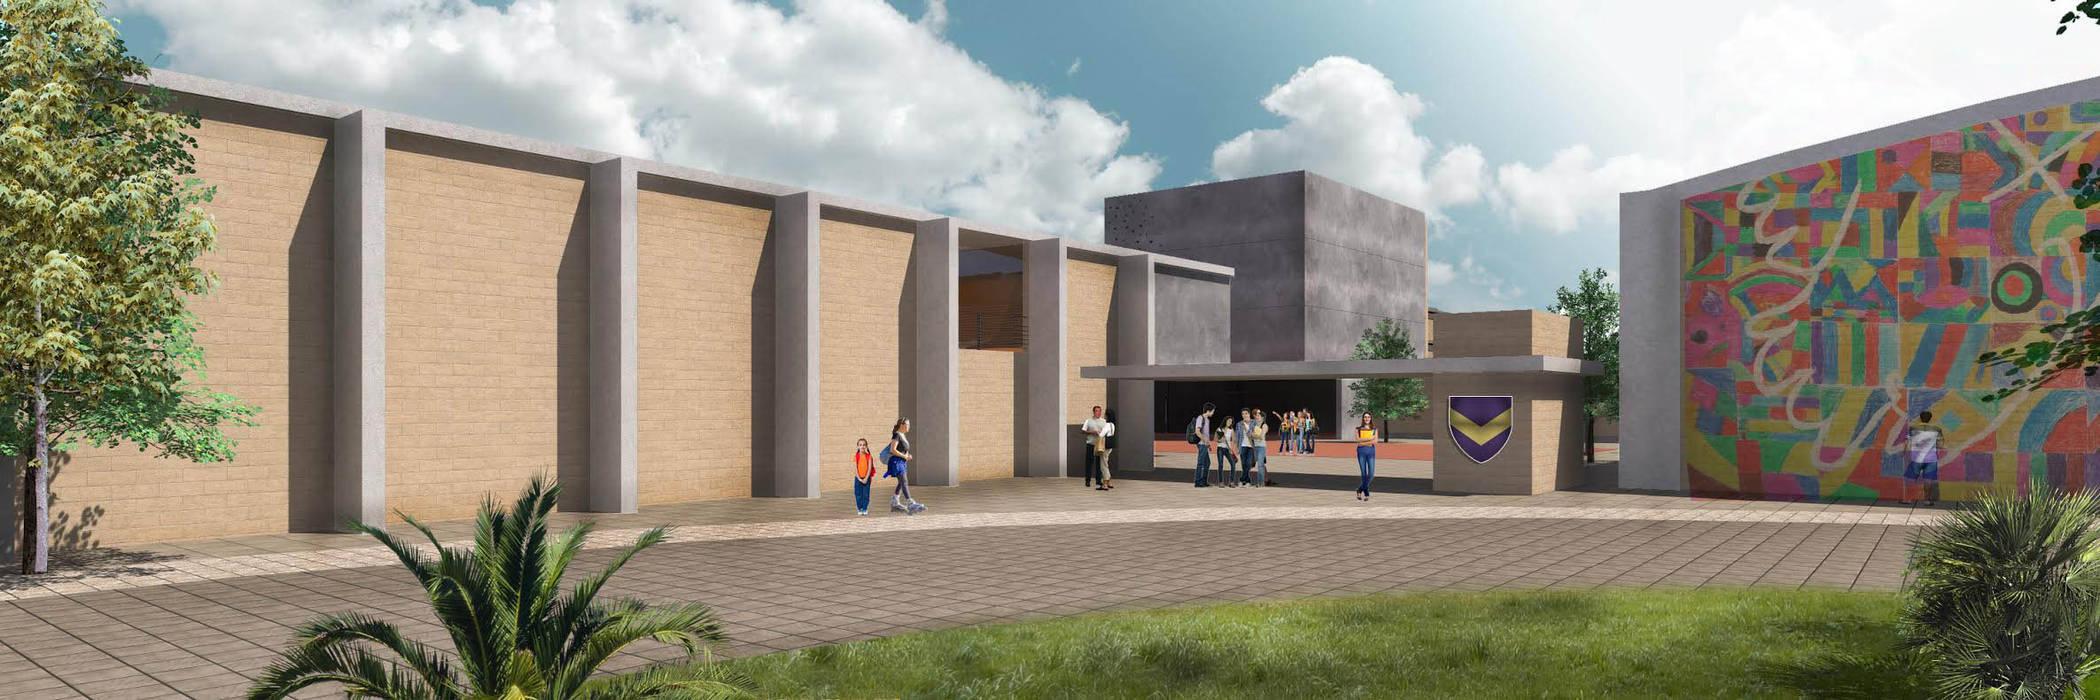 Instituto Bilingüe Victoria de Studio de Arquitectura y Ciudad